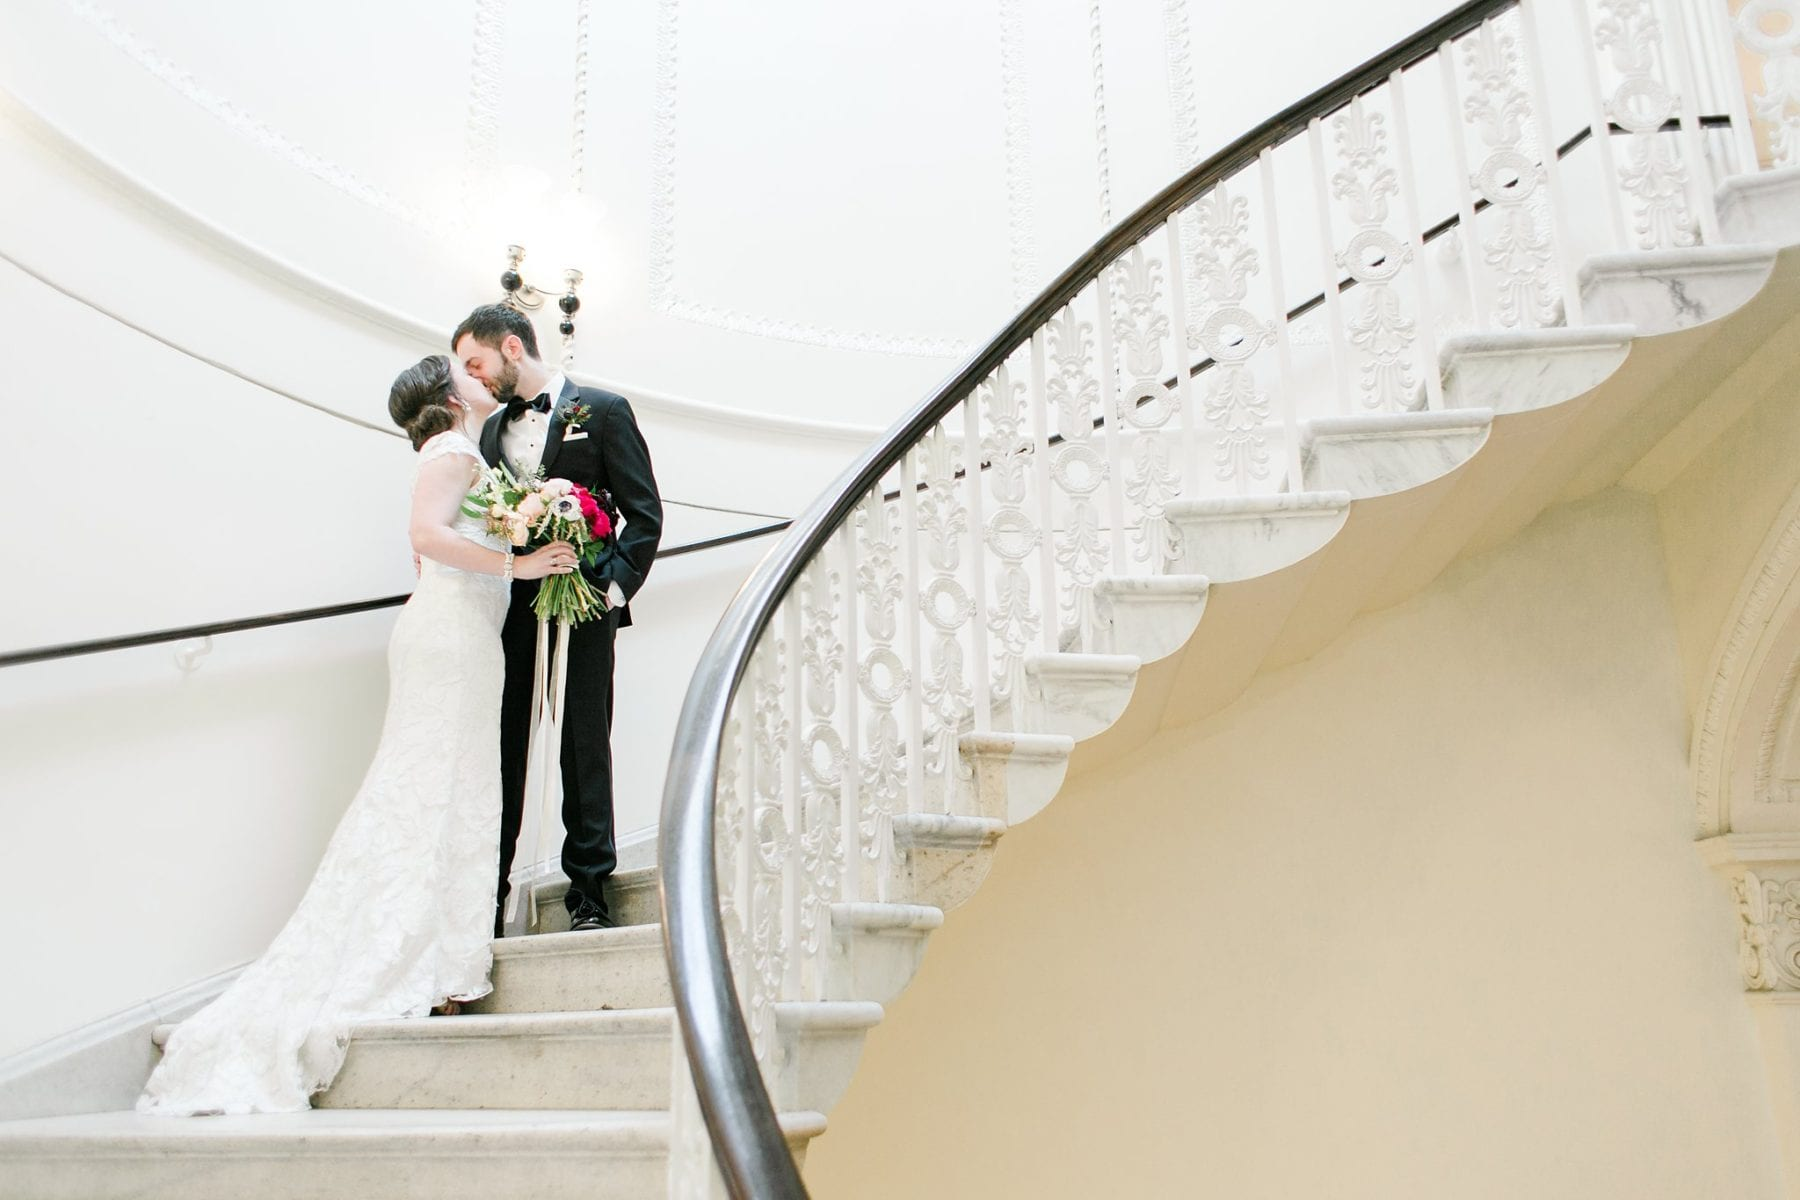 Hotel Monaco Washington DC Wedding Photos Megan Kelsey Photography Erin & Mike -67